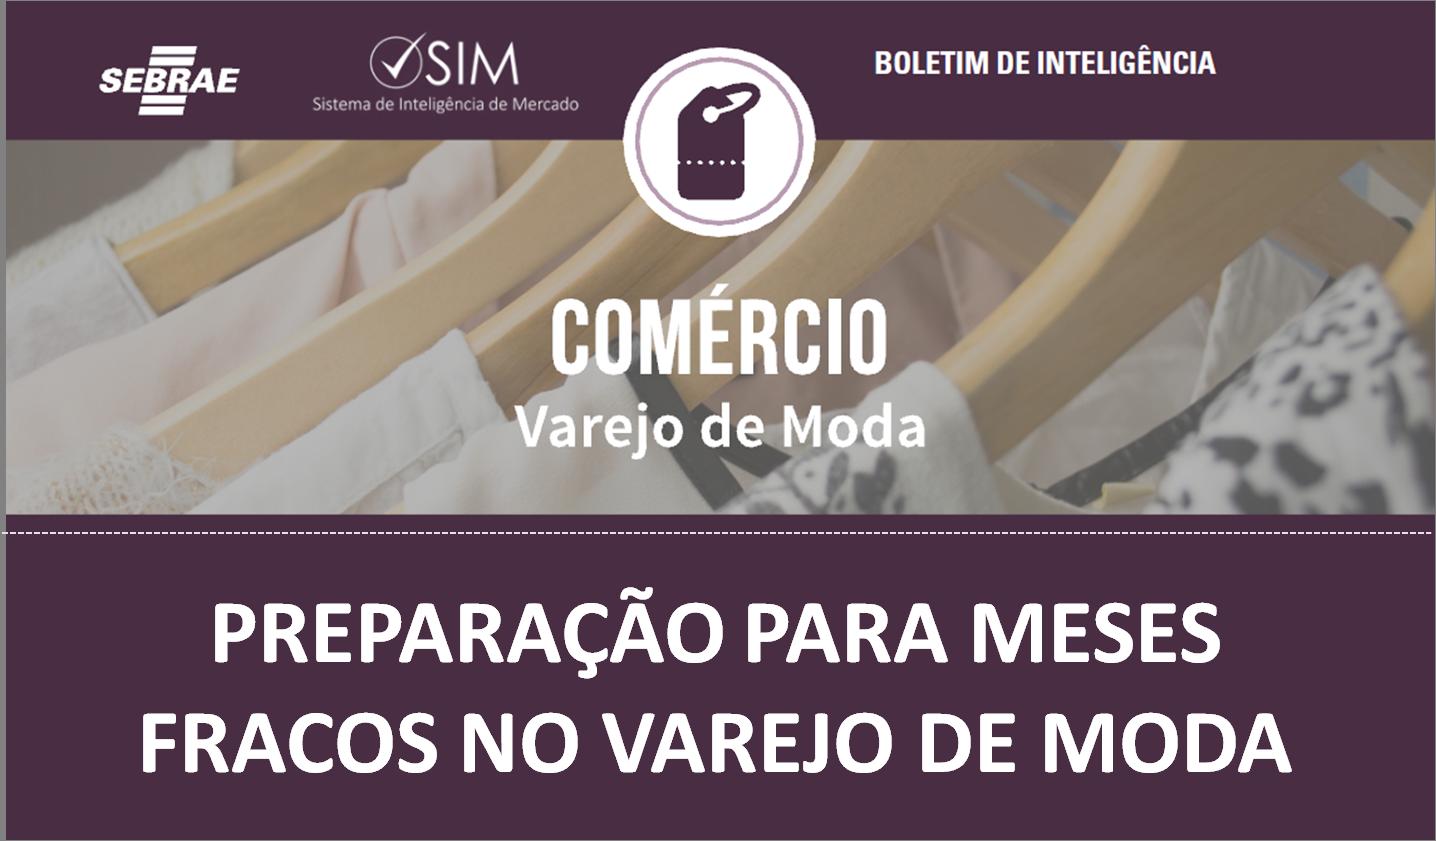 JENEIRO E FEVEREIRO NO VAREJO DE MODA